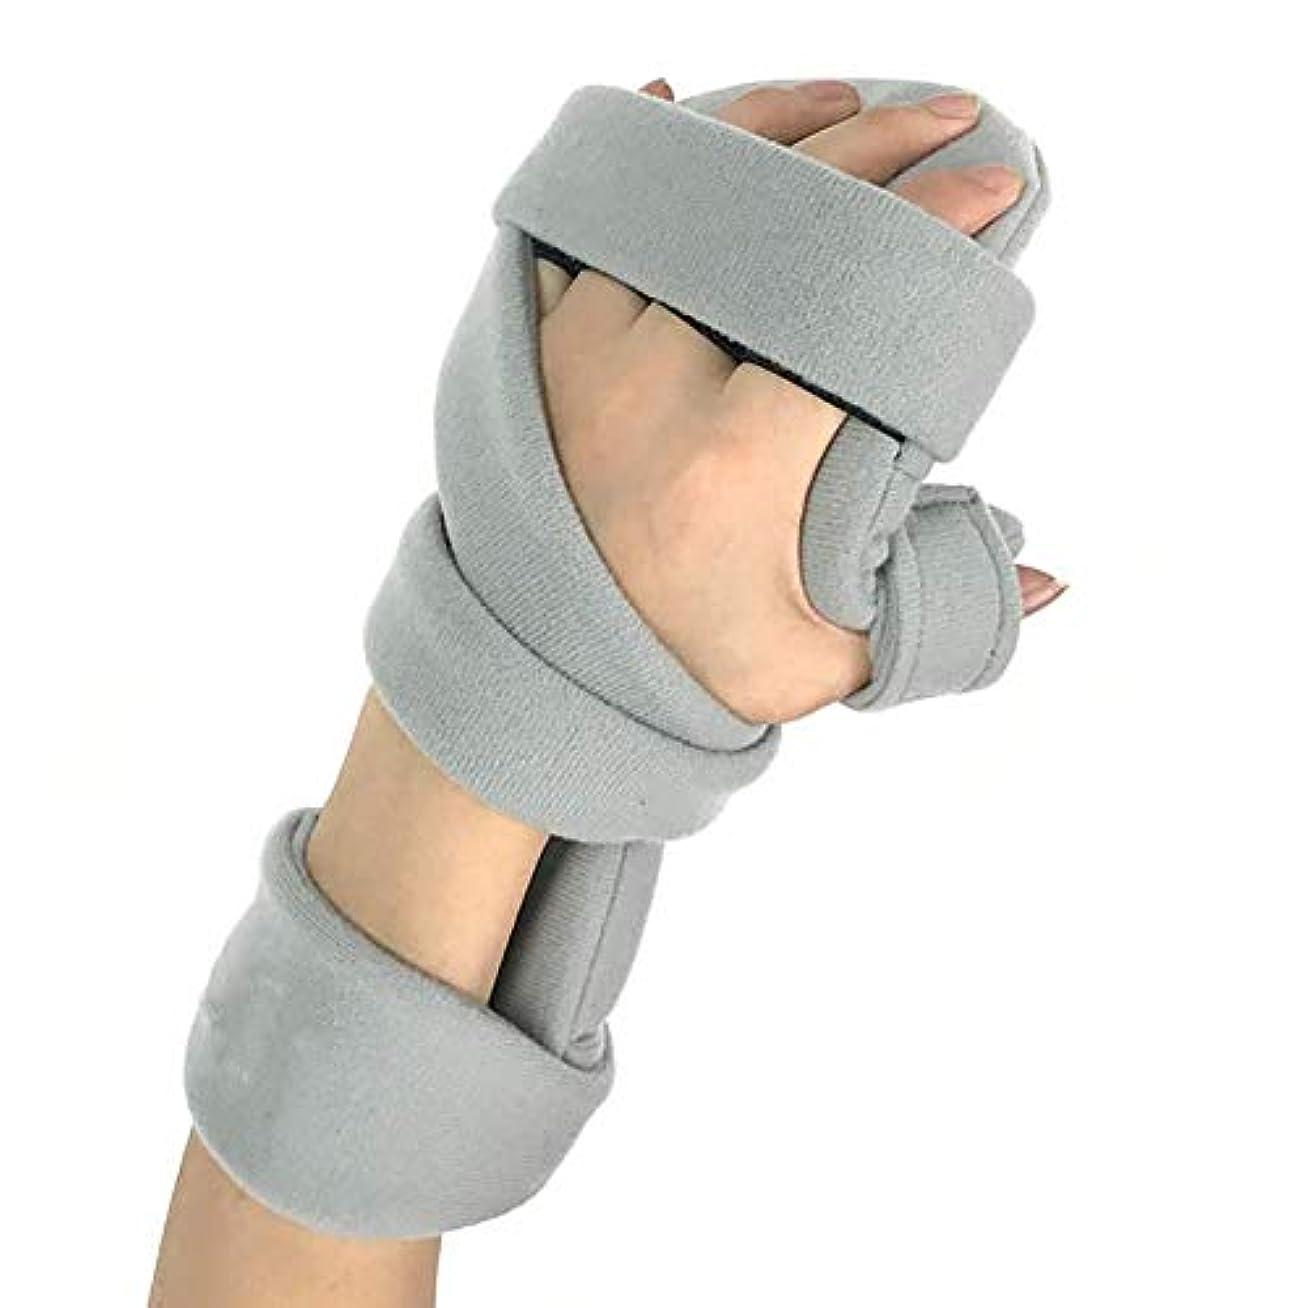 結婚したリボン勝利したトリガー指副木、関節炎の手指副木用指トレーニングボード、手首の親指サポート手,RightHand